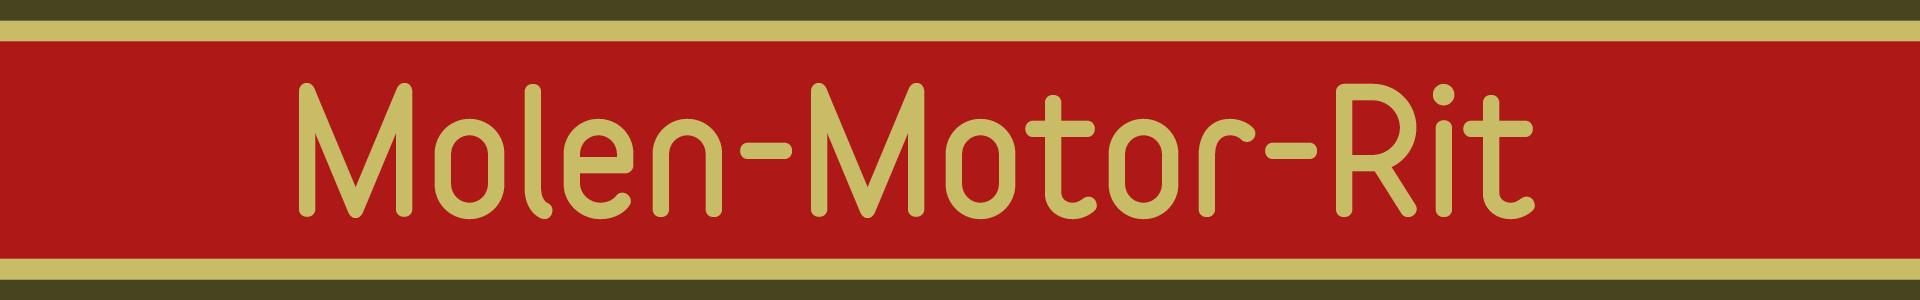 Molen-Motor-Rit